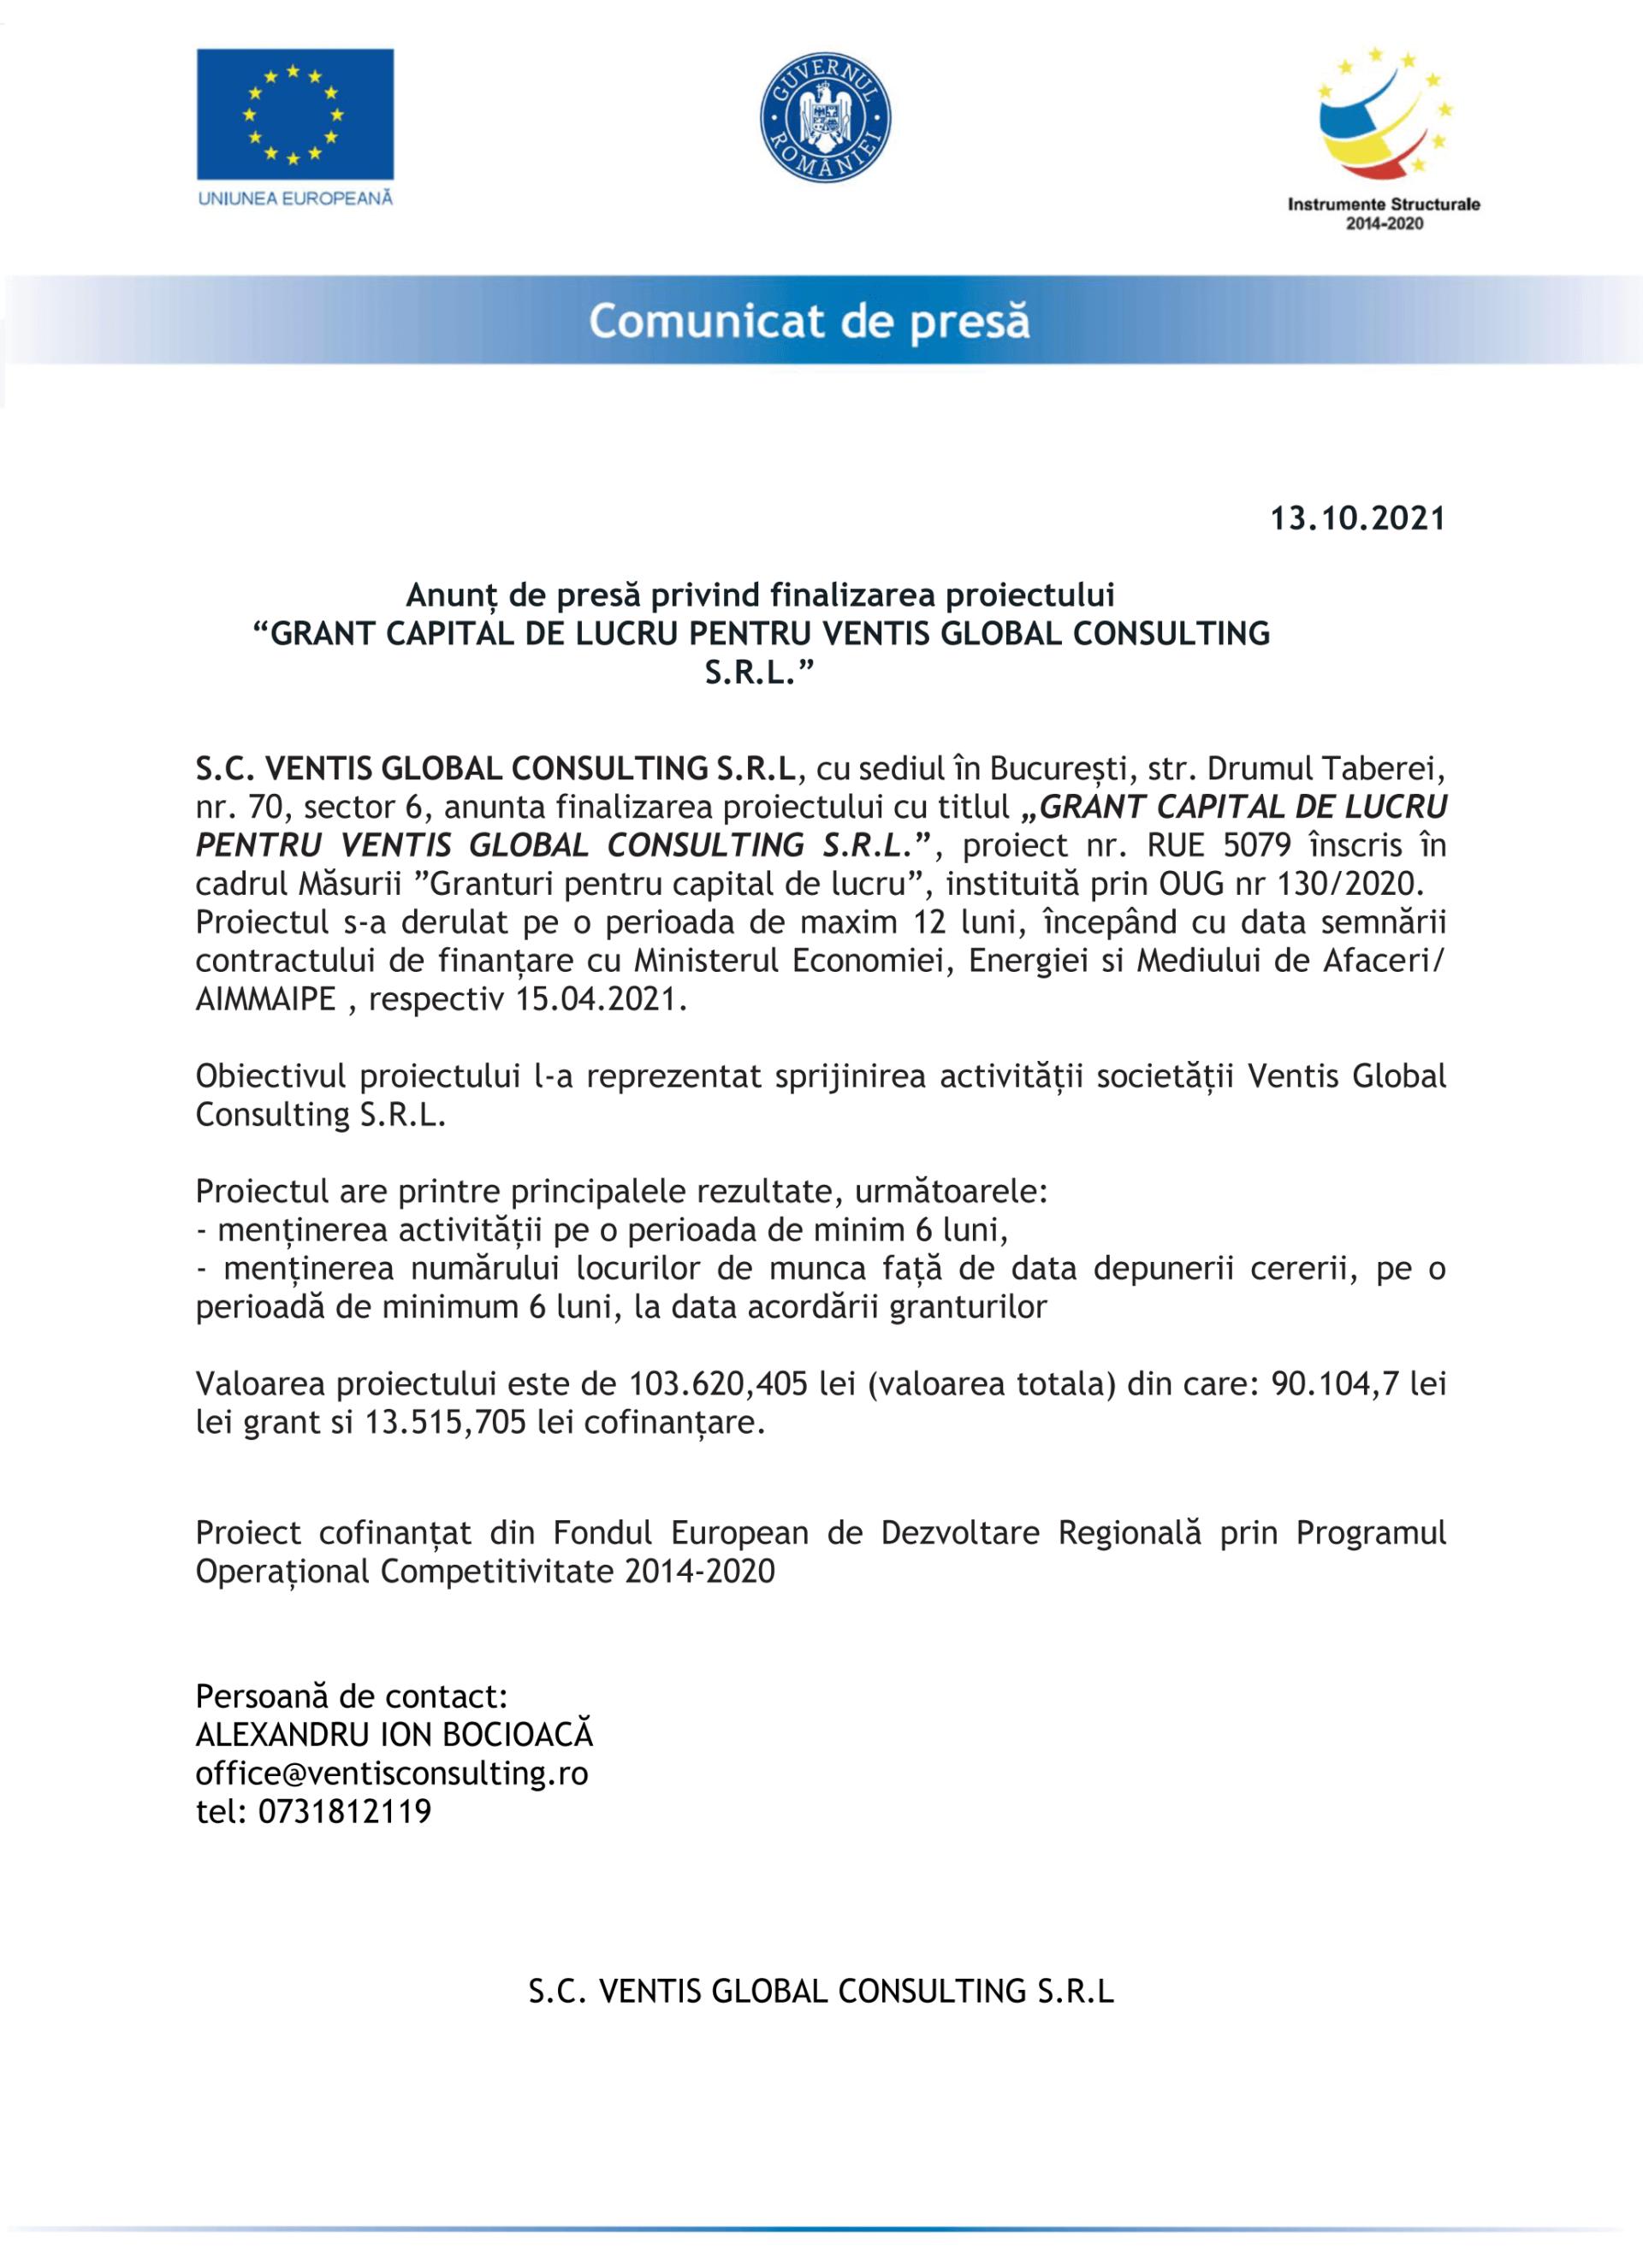 anunt-finalizare-proiect-Ventis-Global-Consulting_Granturi-pentru-capital-de-lucru